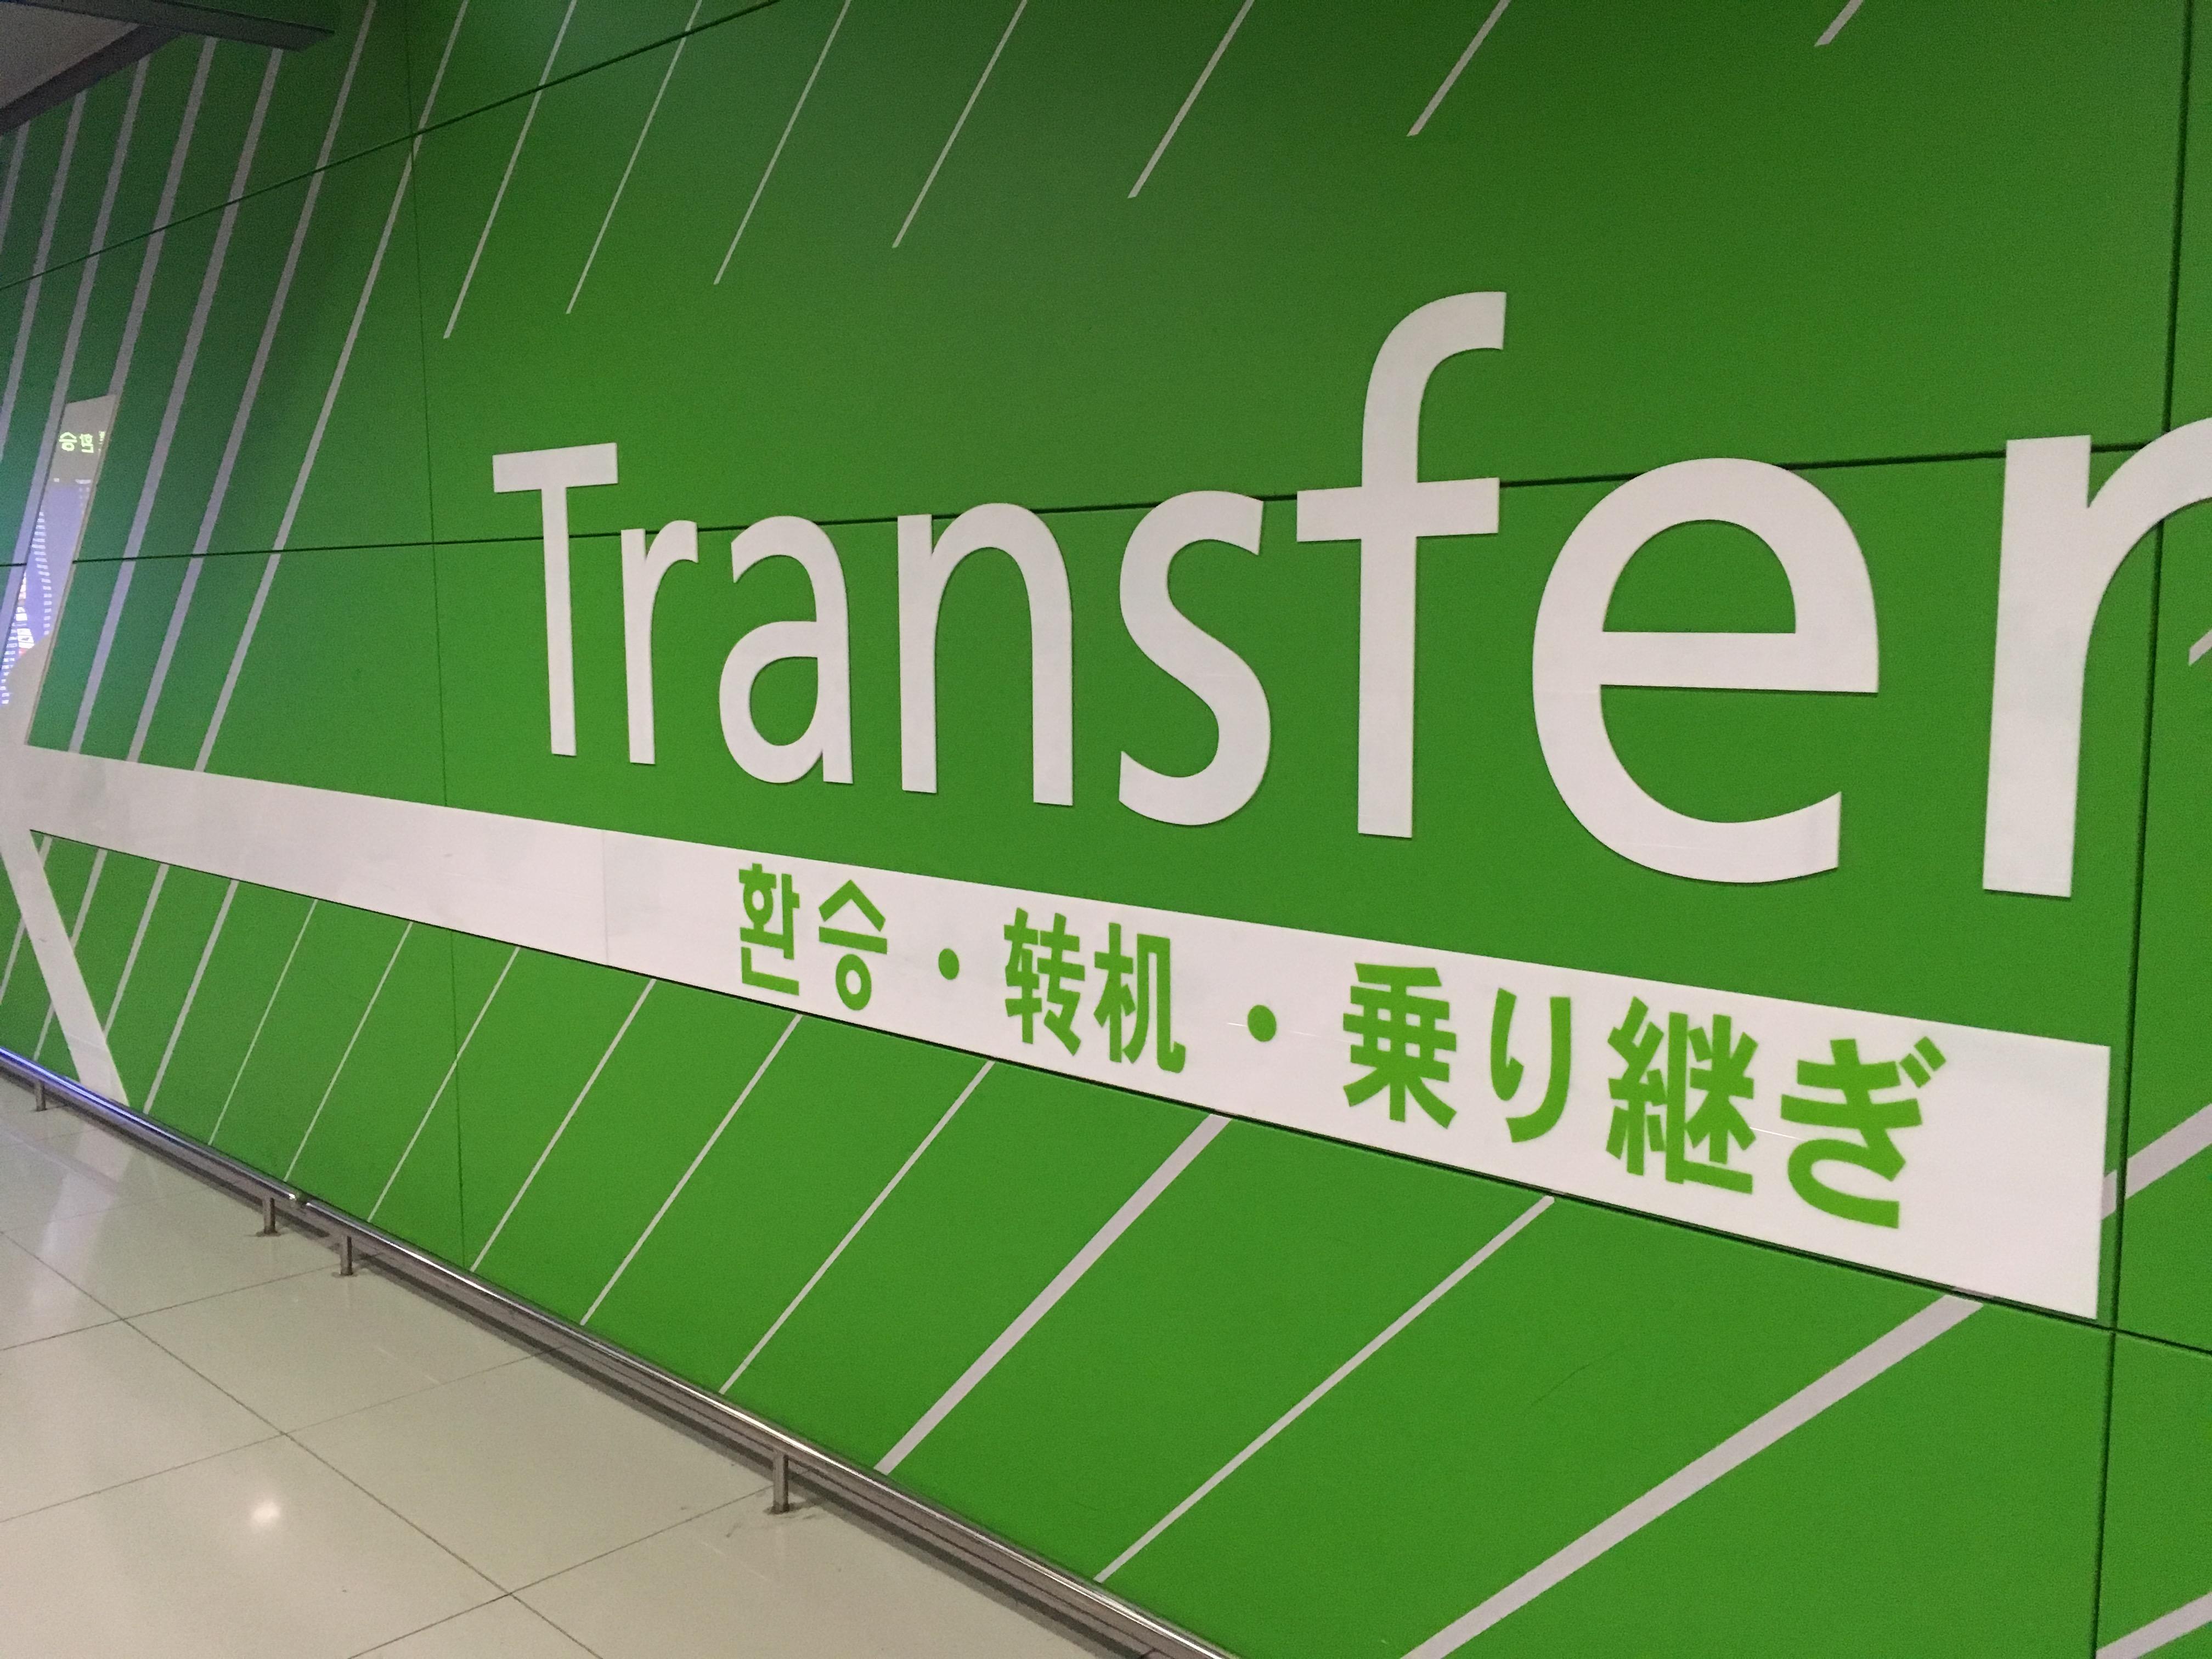 仁川(インチョン)空港乗り継ぎ(トランジット)方法と待ち時間の過ごし方